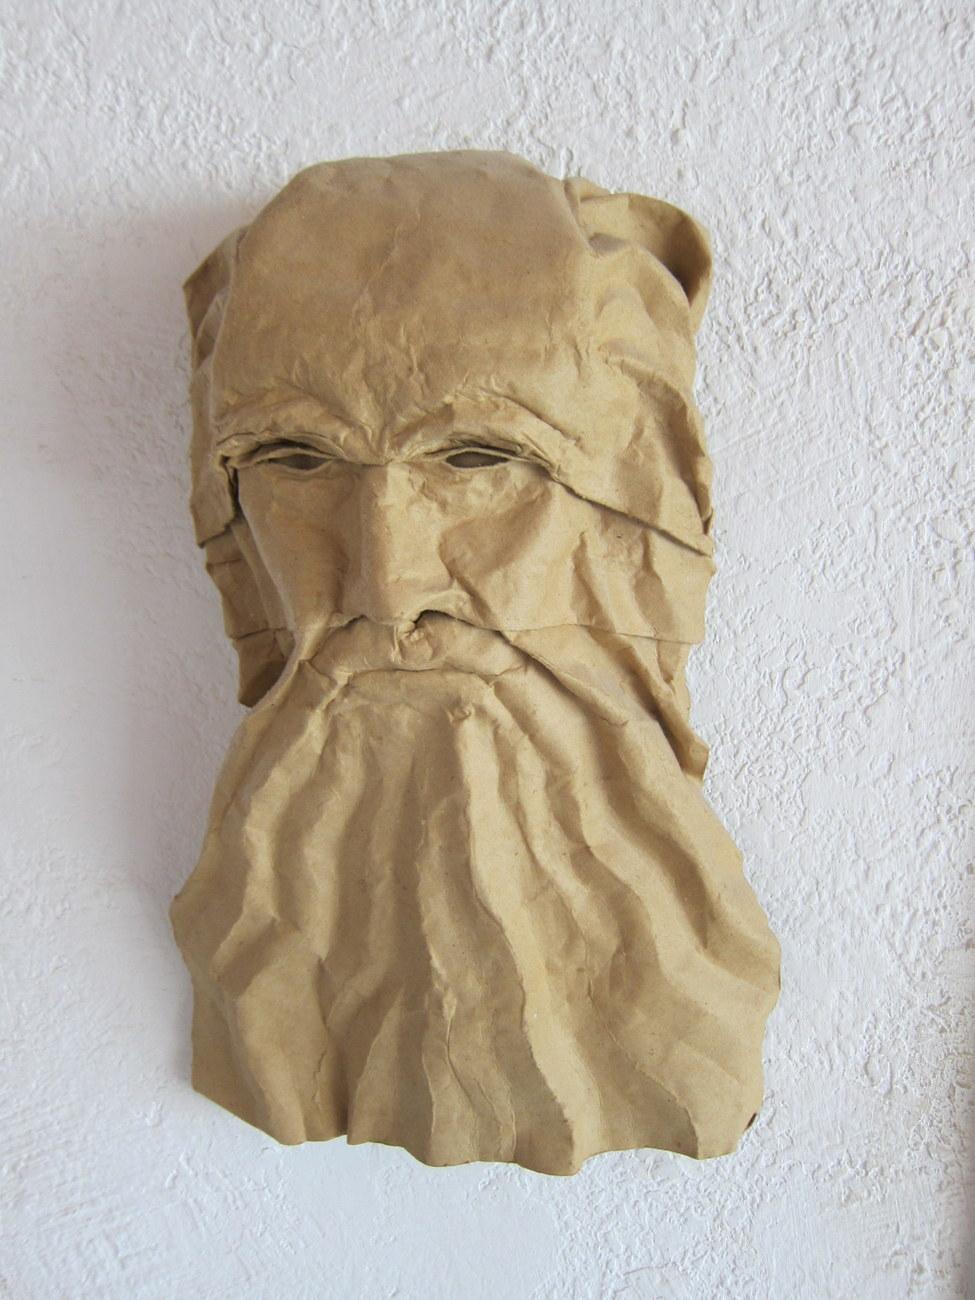 Saadya's mask